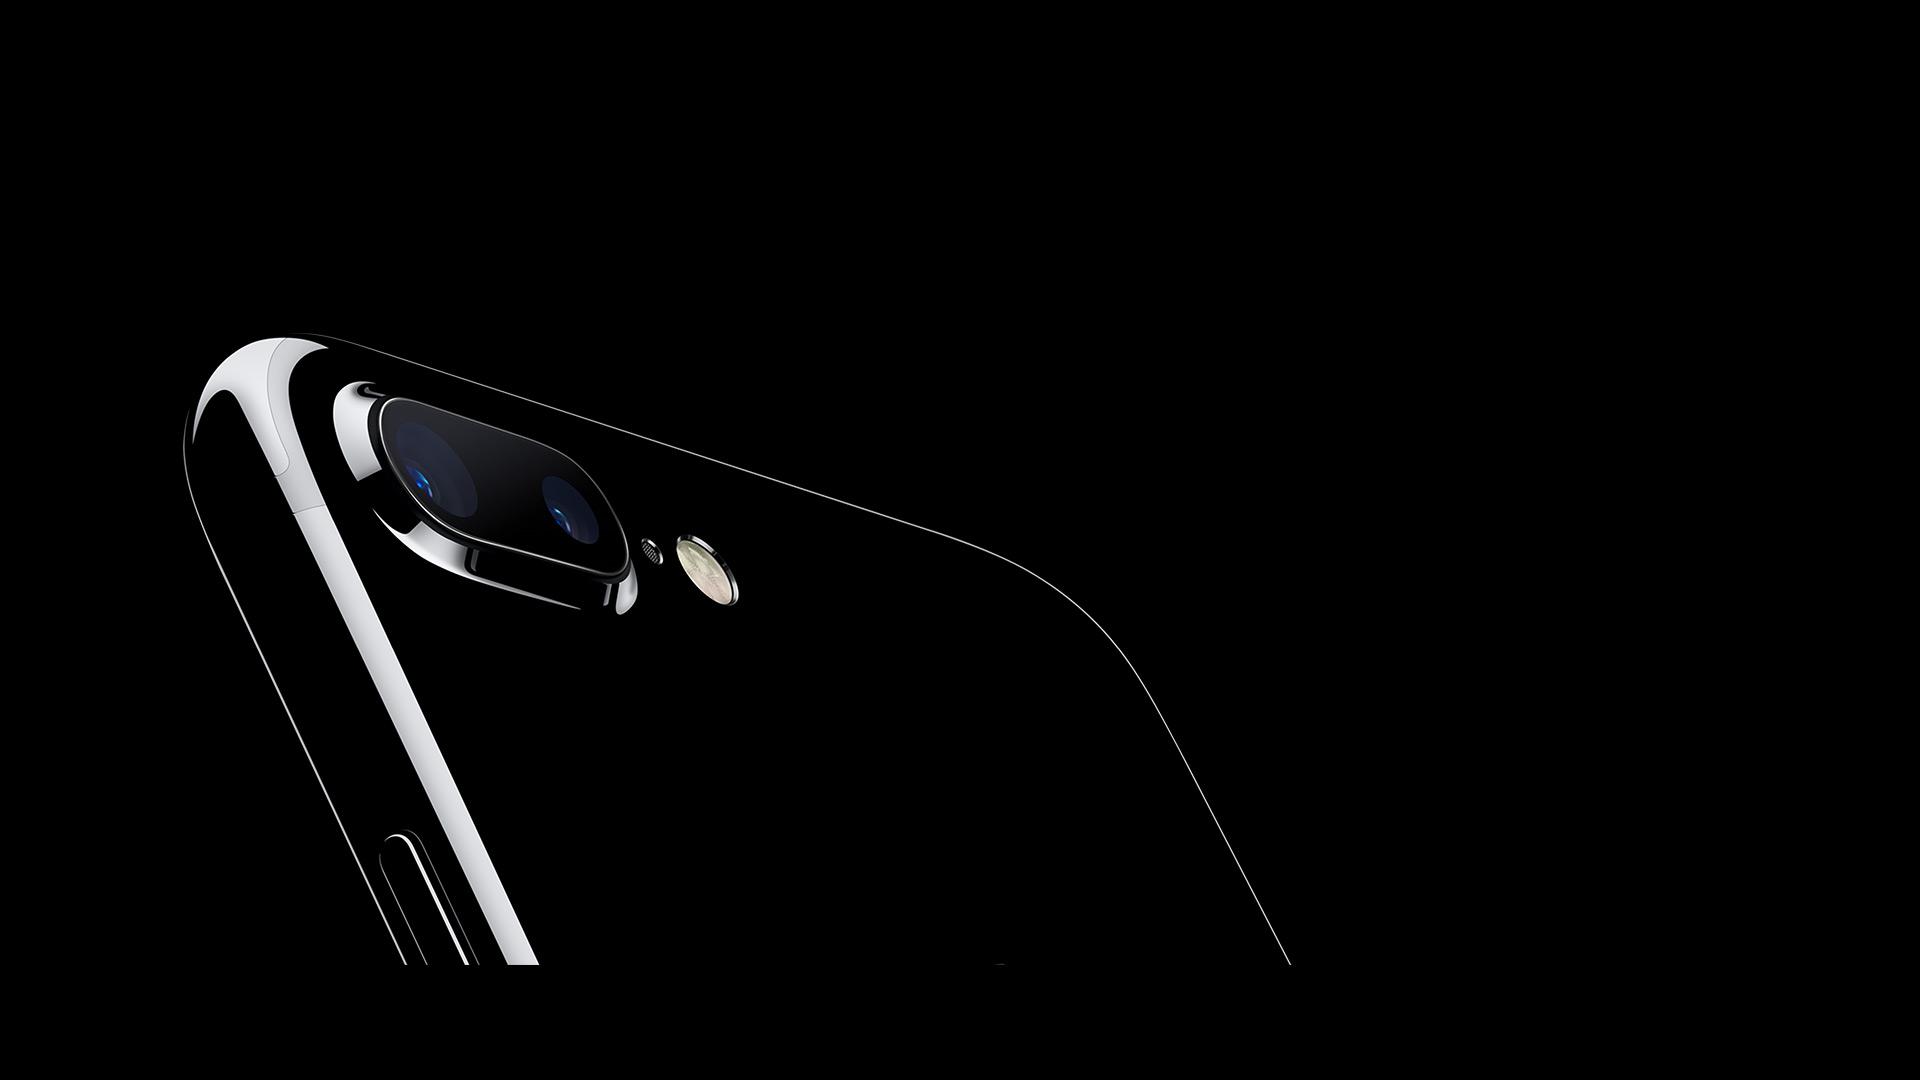 Das neue iPhone 7 jetzt bei A1